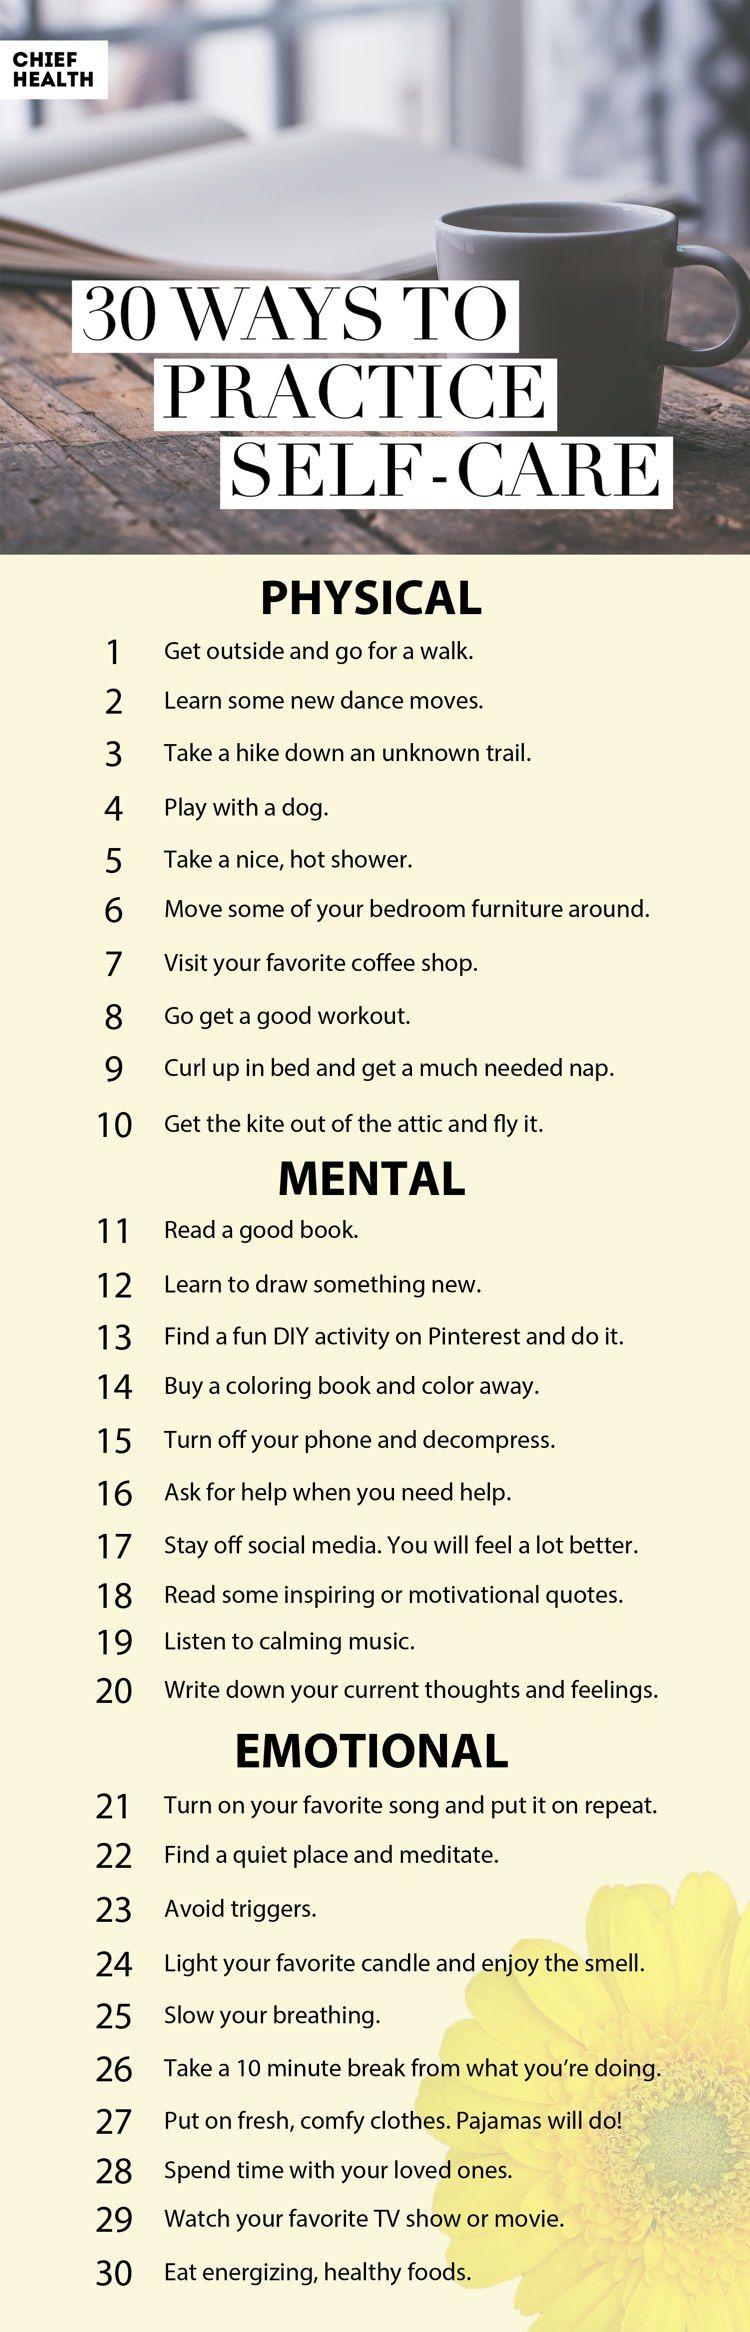 22 grafici per aiutarti a diventare la migliore versione di te stesso